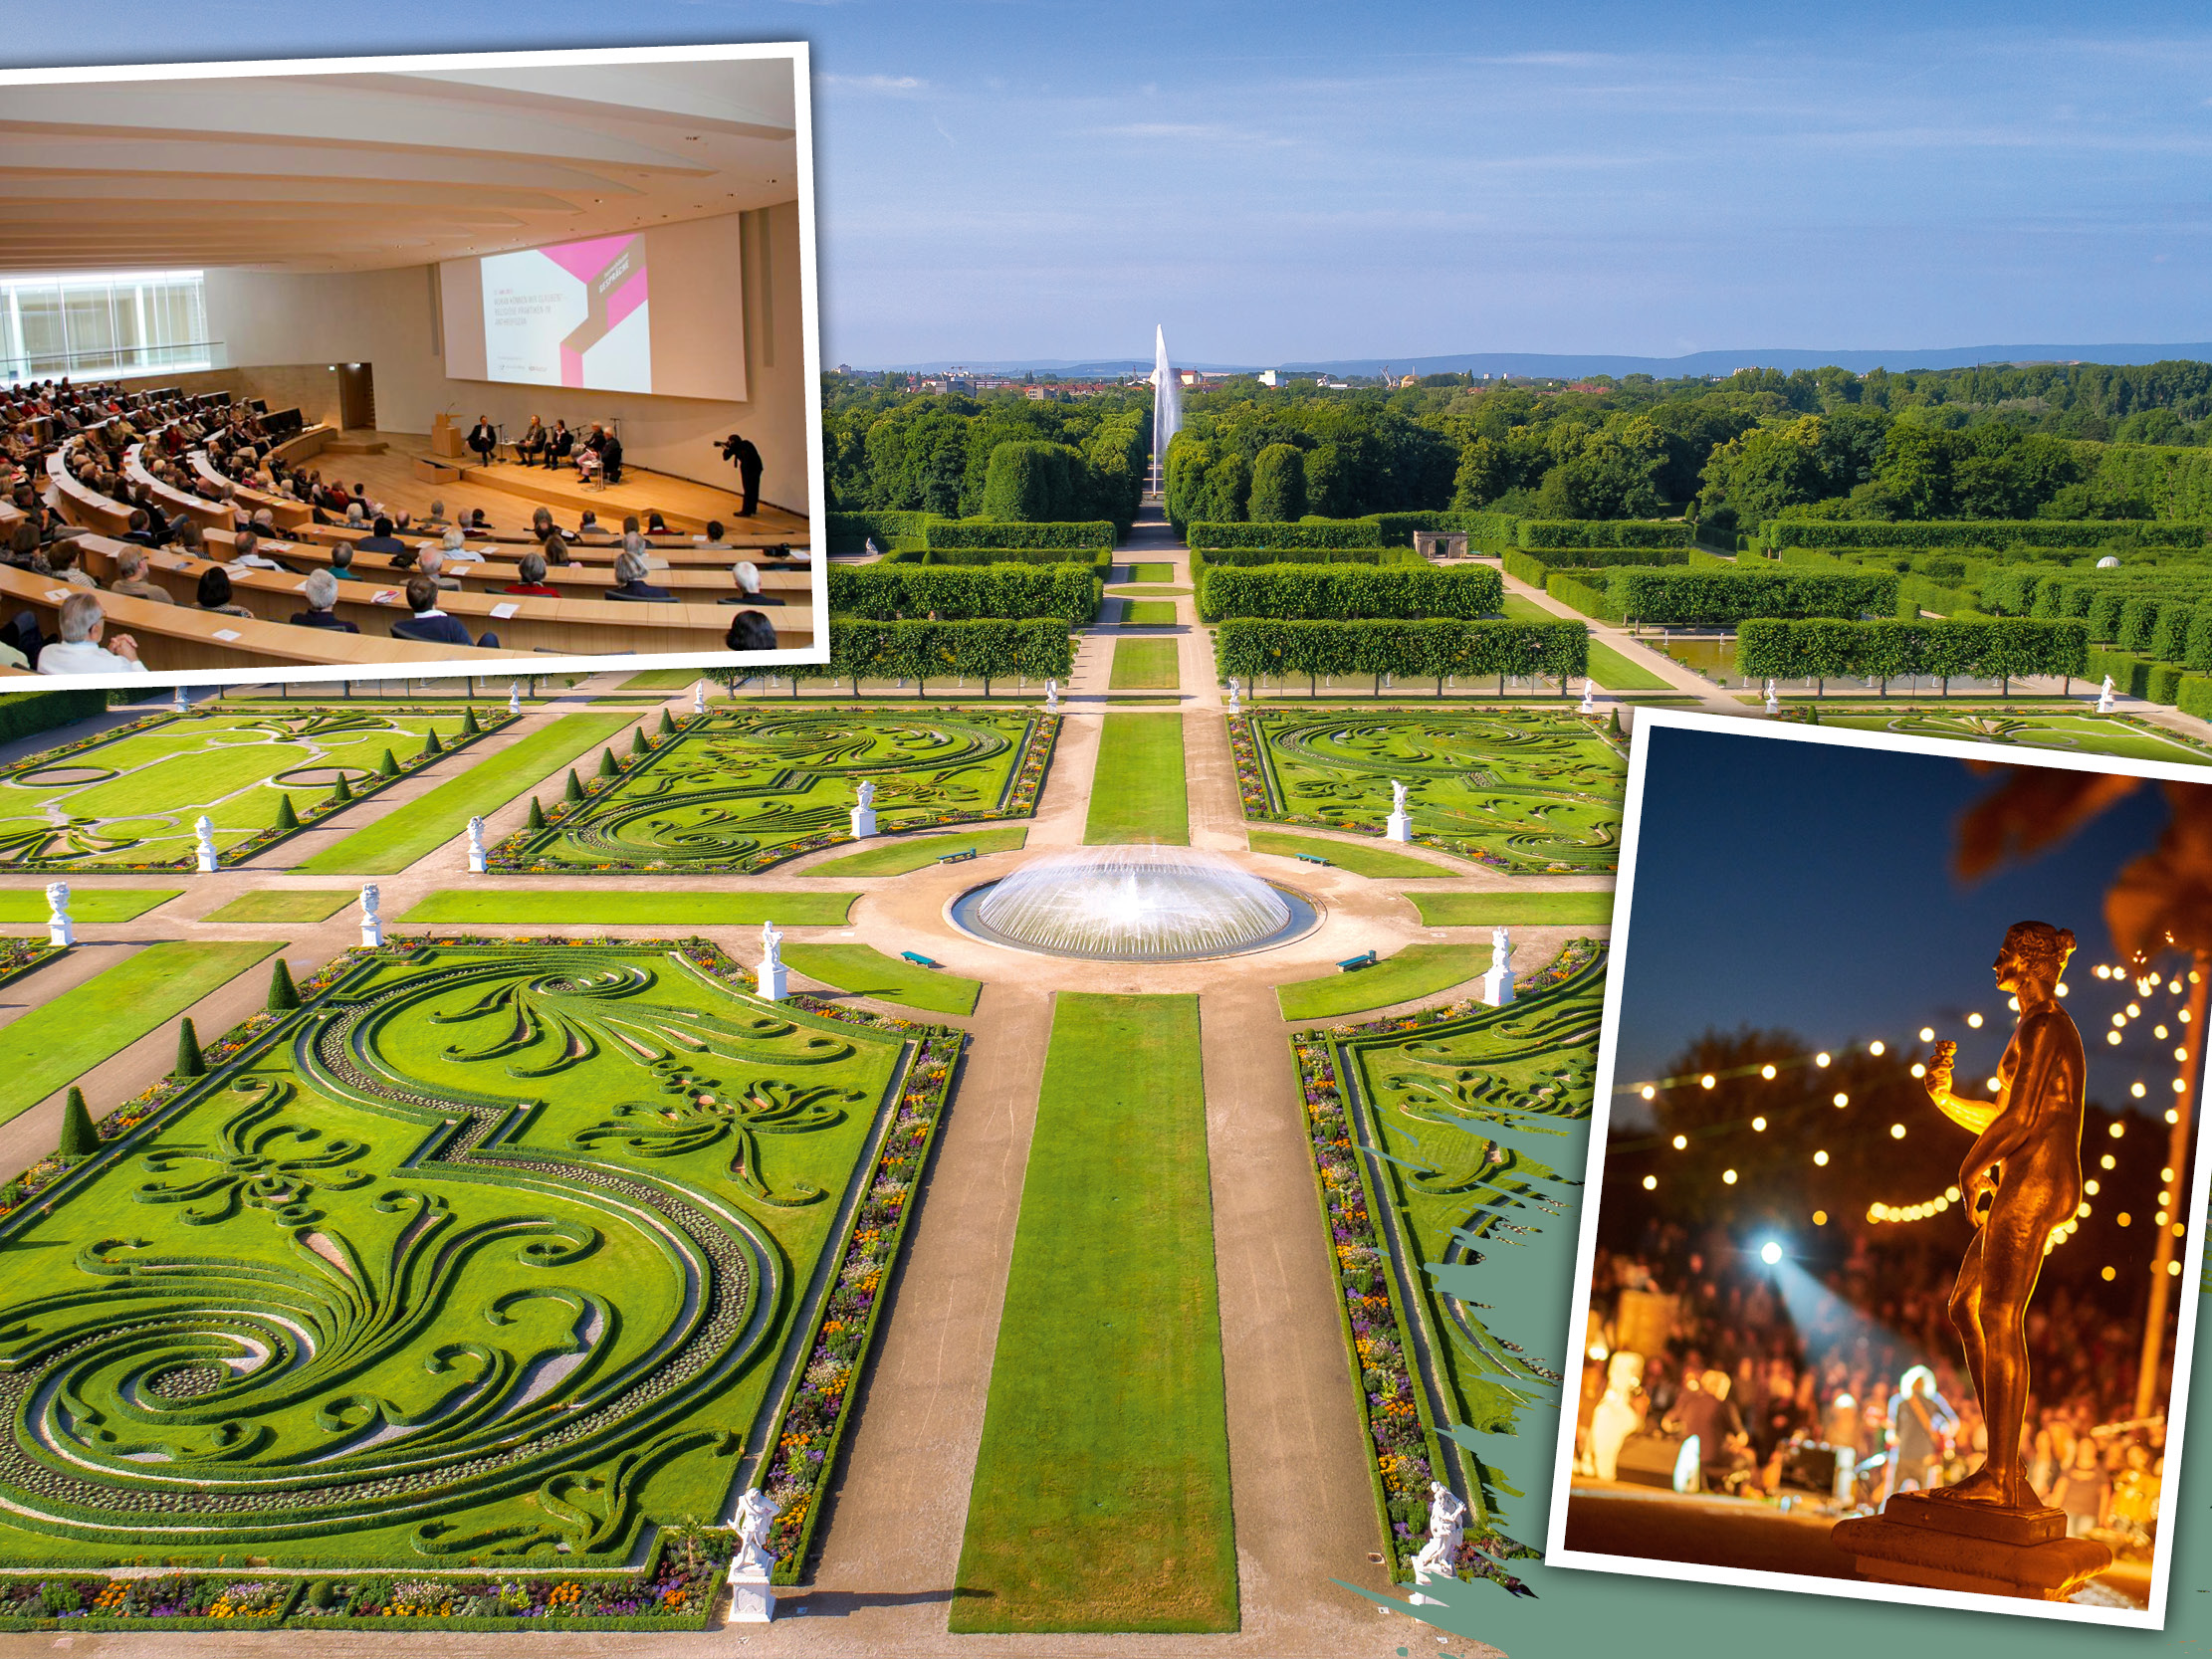 Aufregend unaufgeregt: Herrenhäuser Gärten